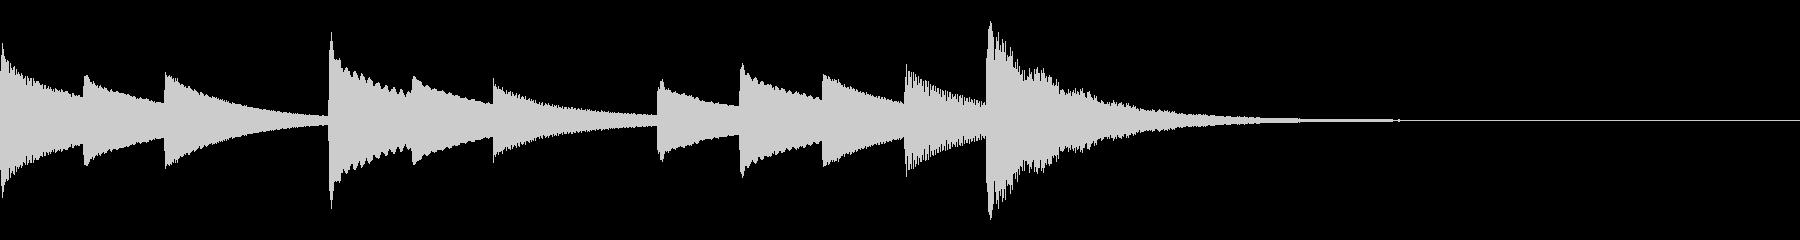 オルゴールの眠れそうなジングル の未再生の波形